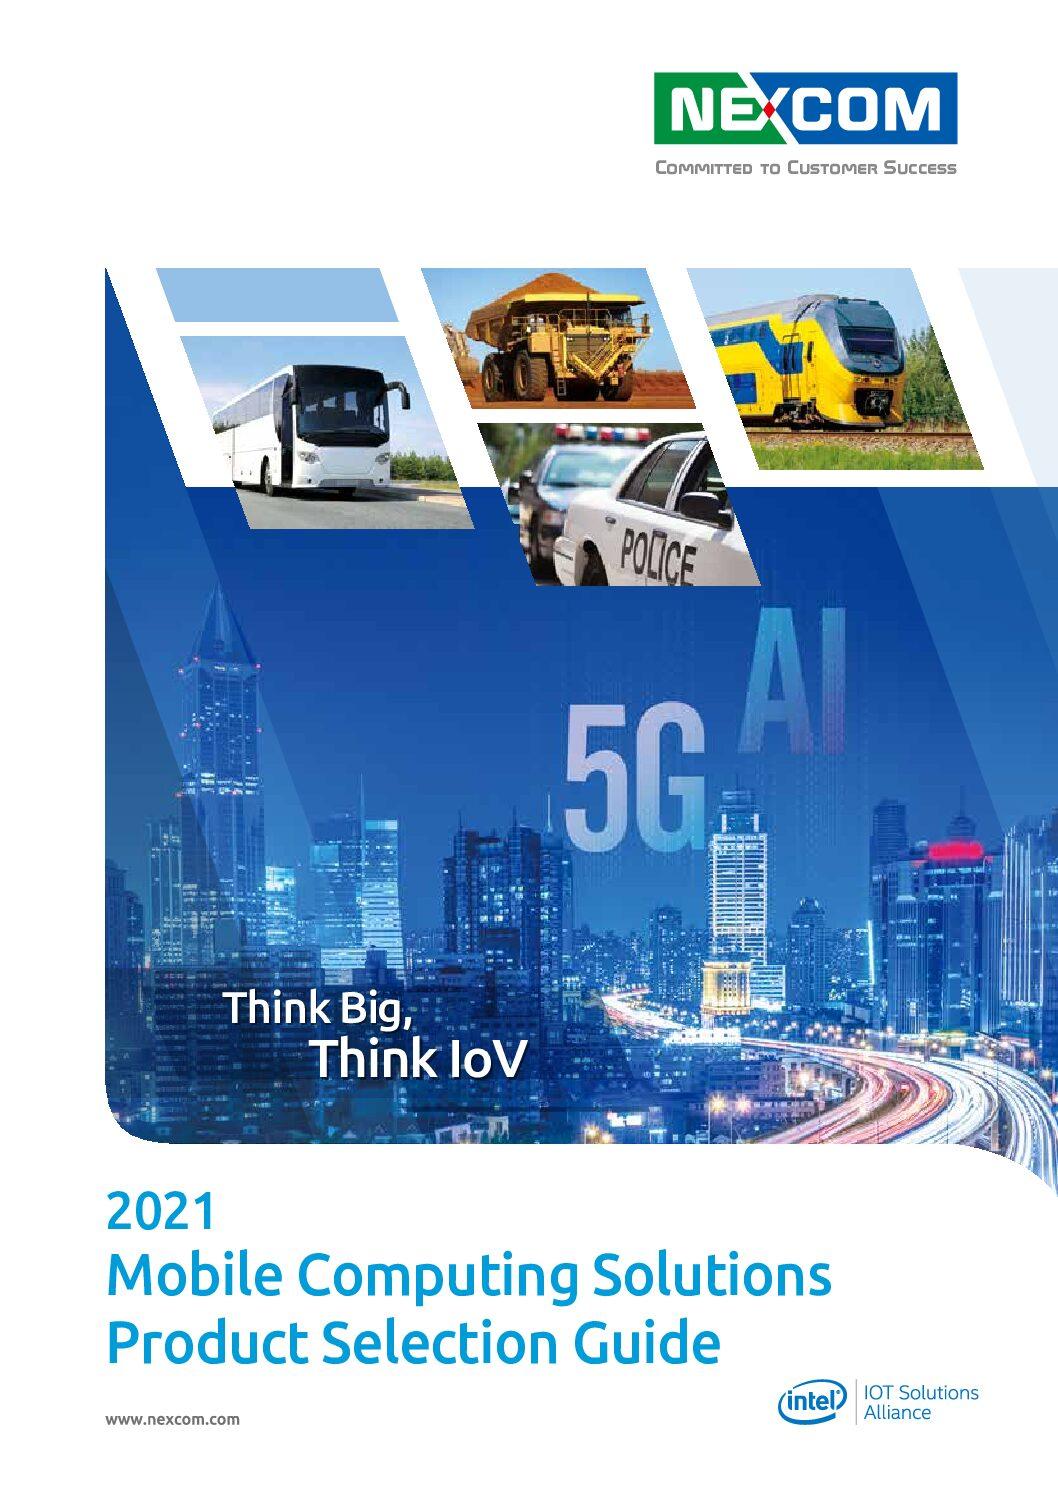 NEXCOM Mobile Computing Solutions